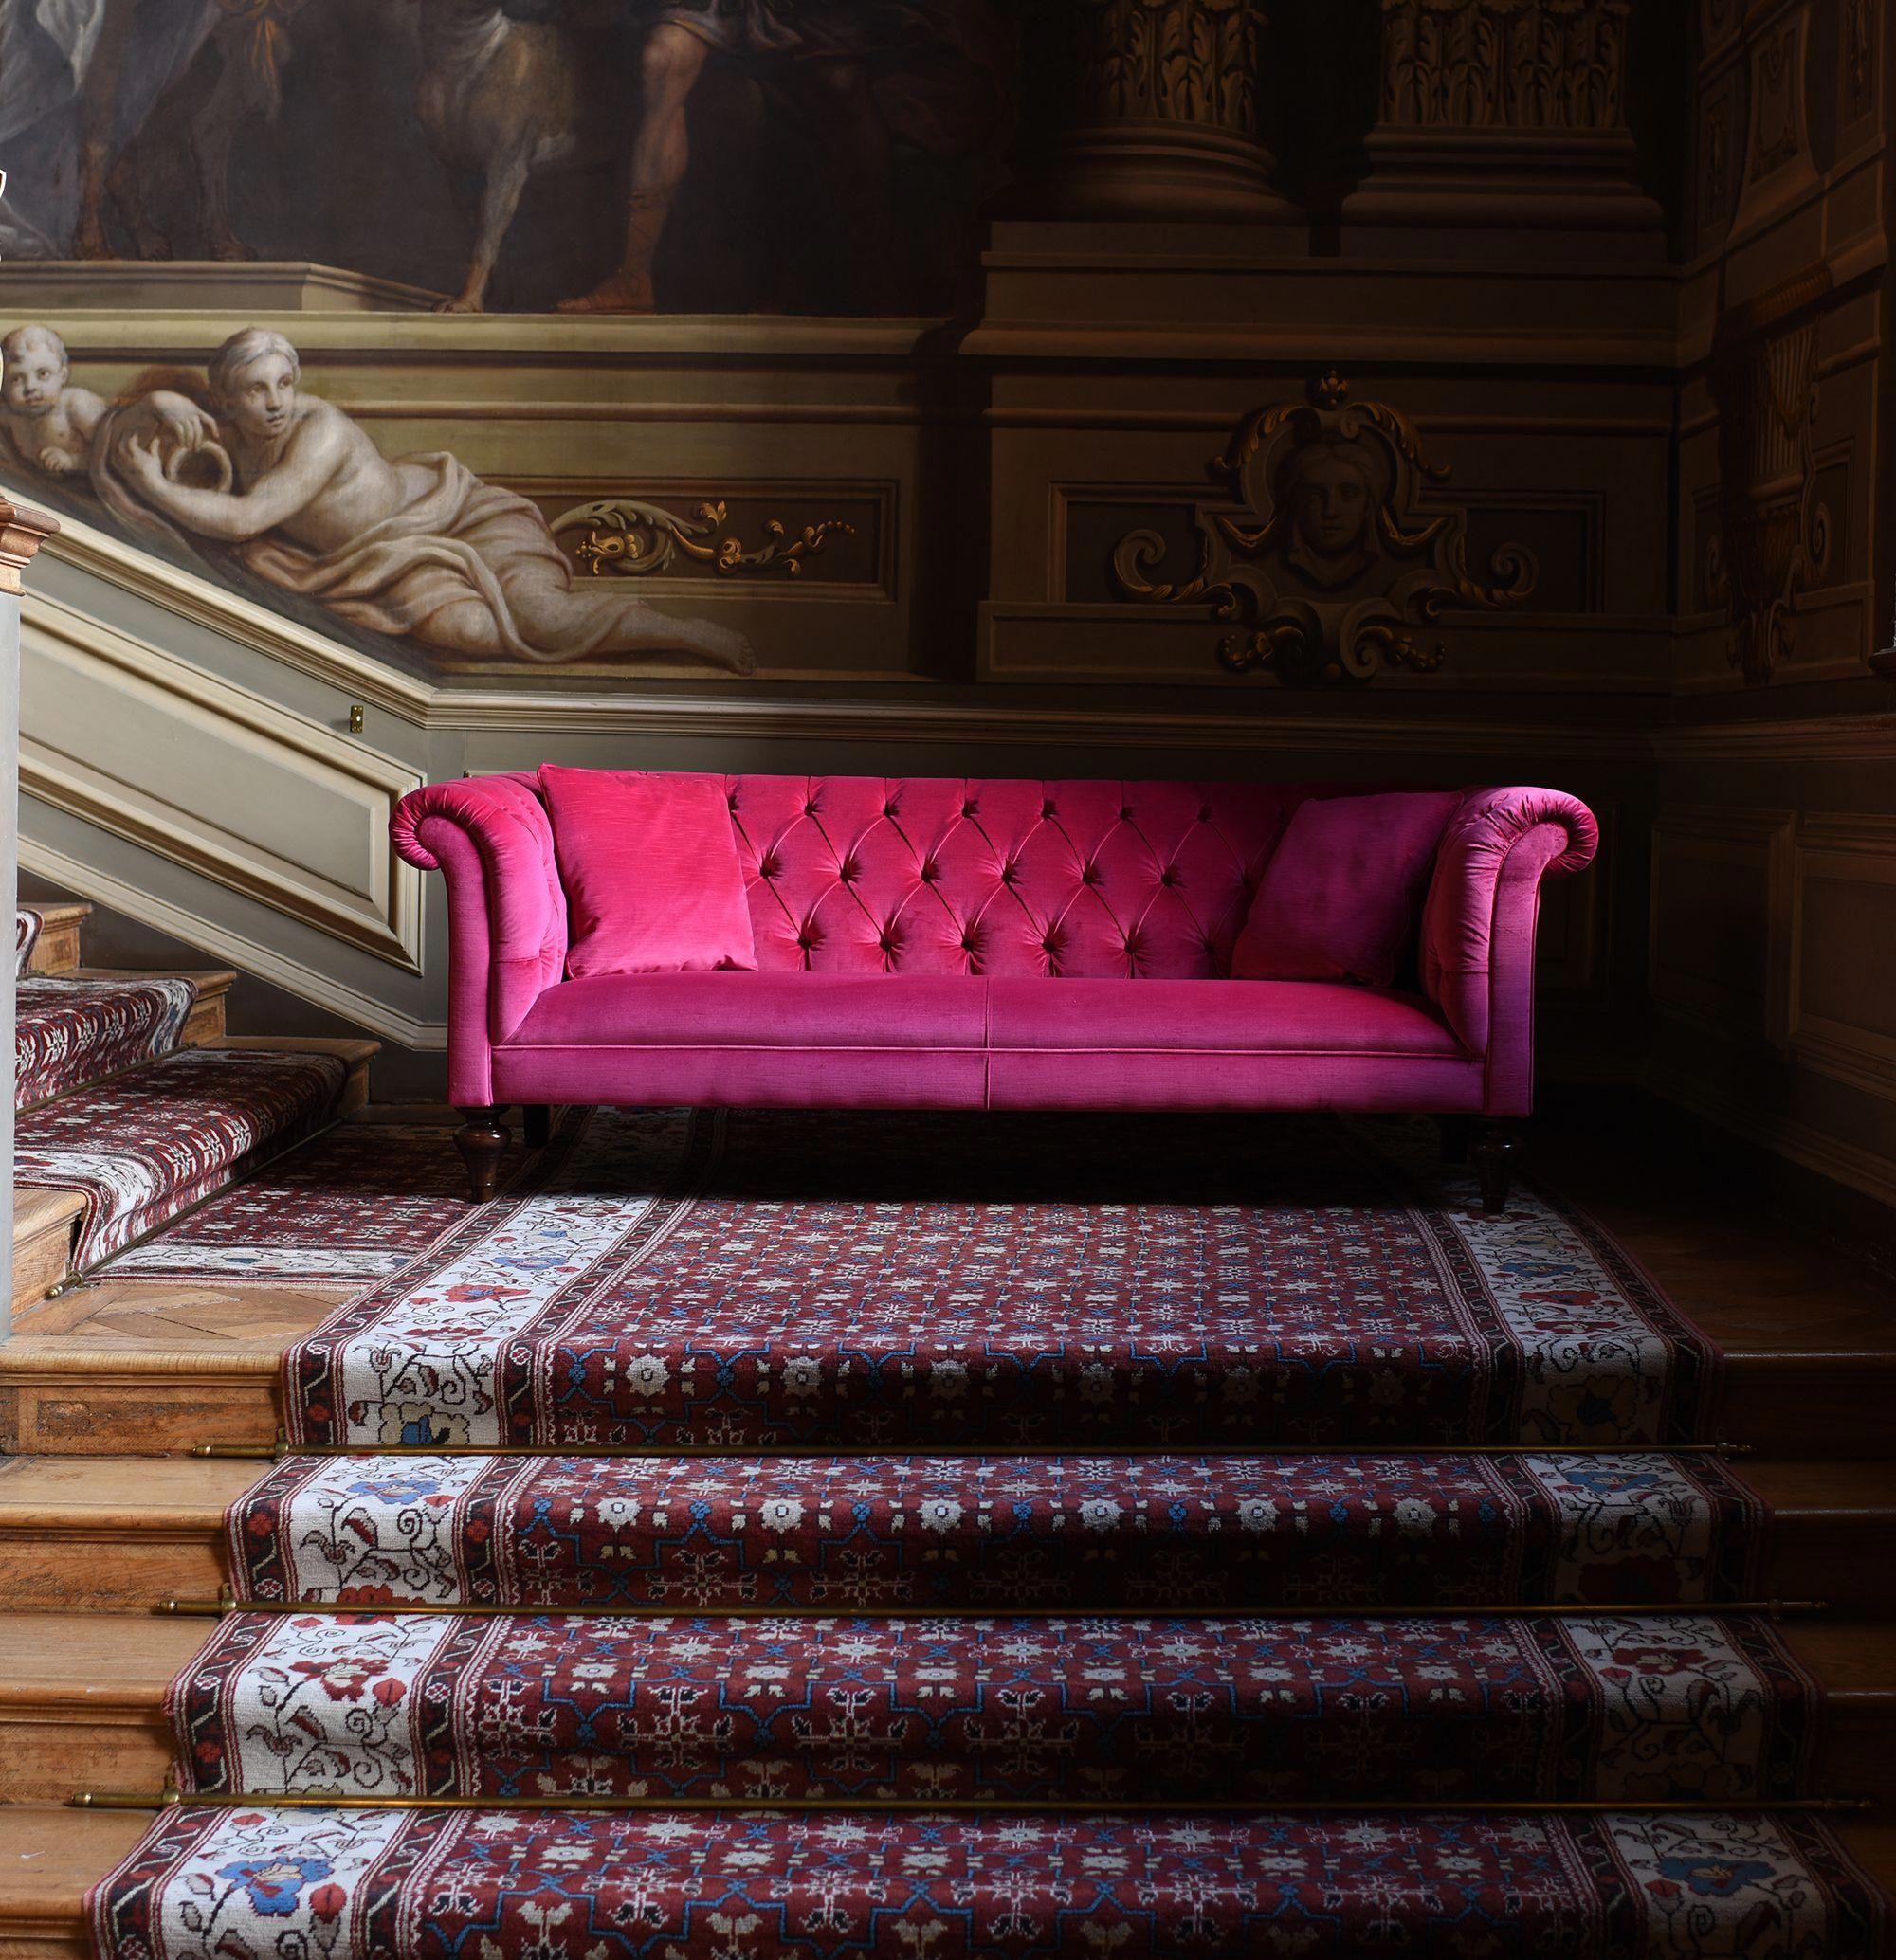 The Camden sofa in Cerise Velvet. A beautiful pink velvet ...